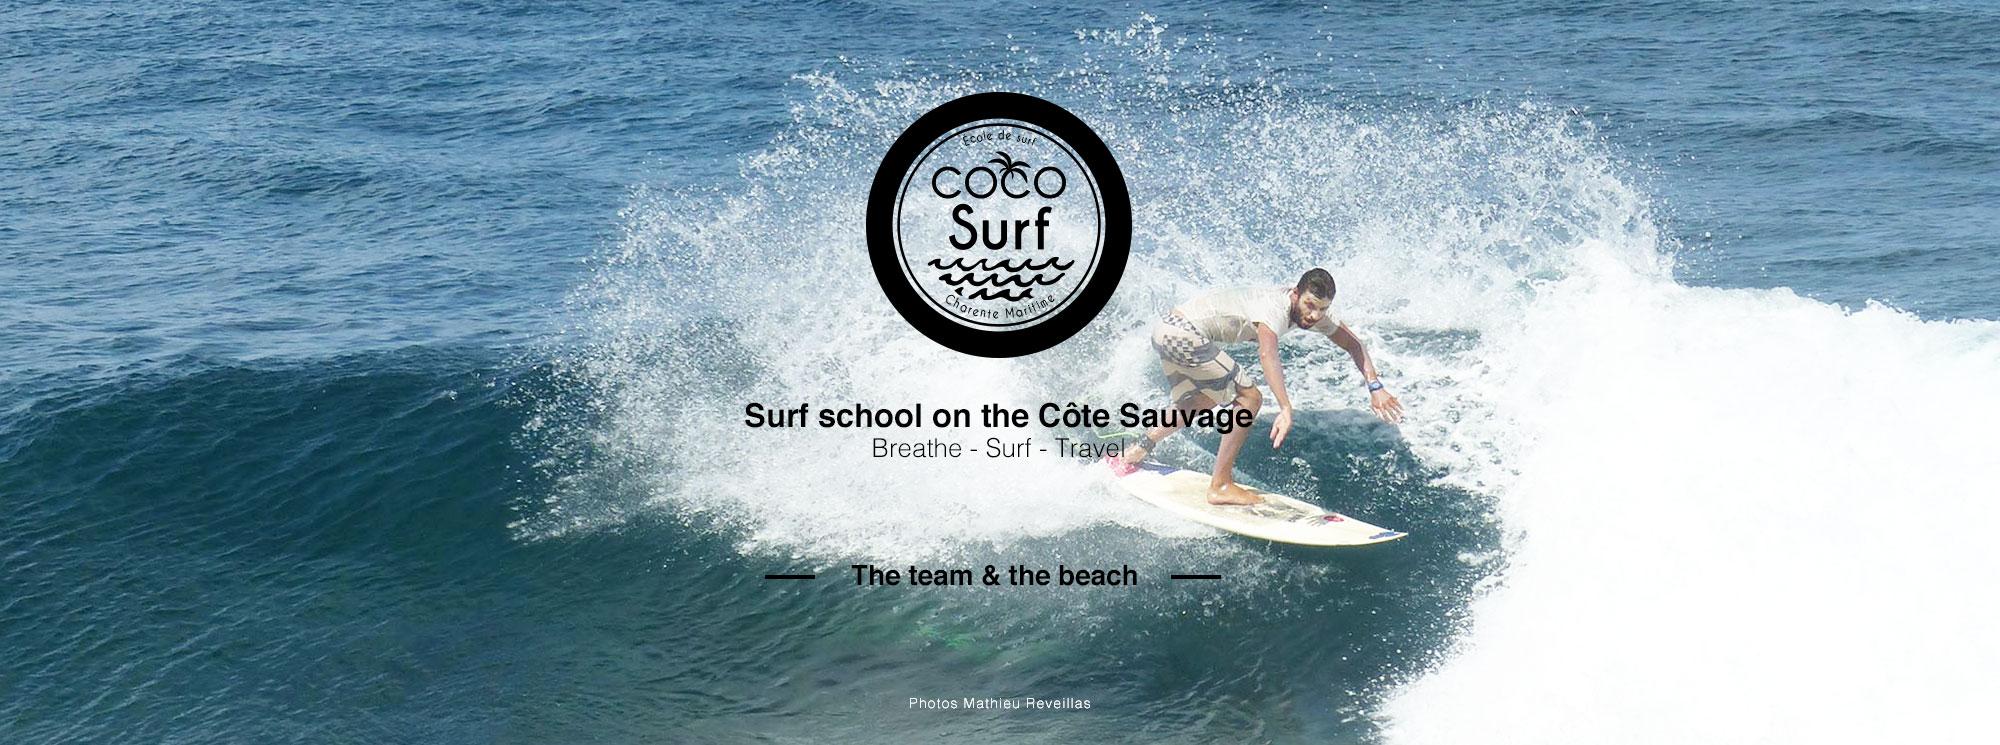 moniteur de surf de l'école coco surf